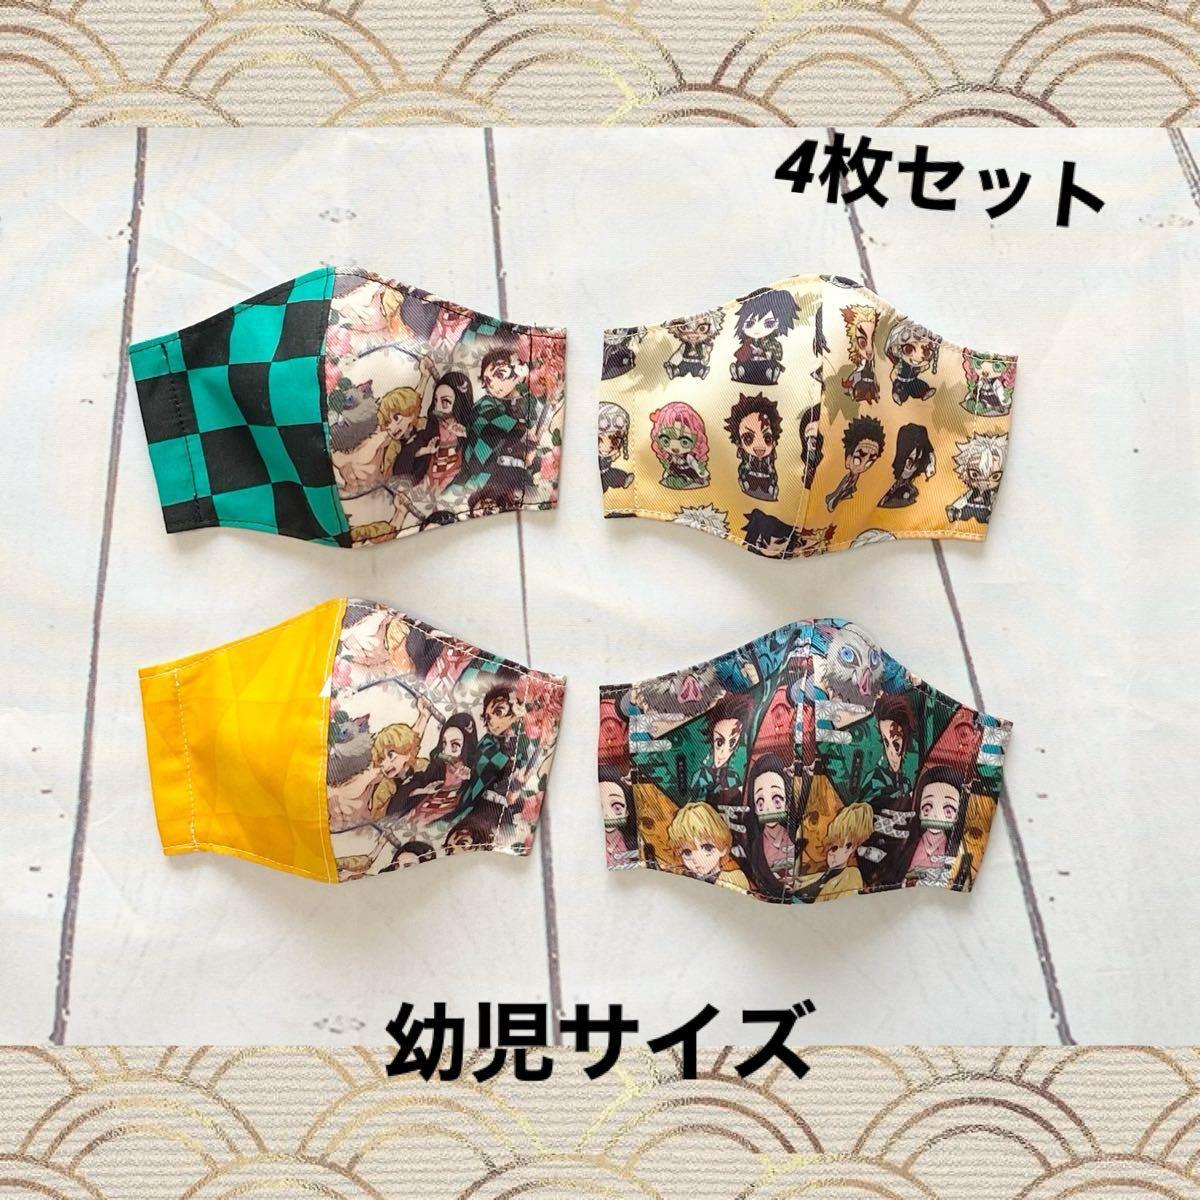 立体インナー4枚セット ハンドメイド No.10